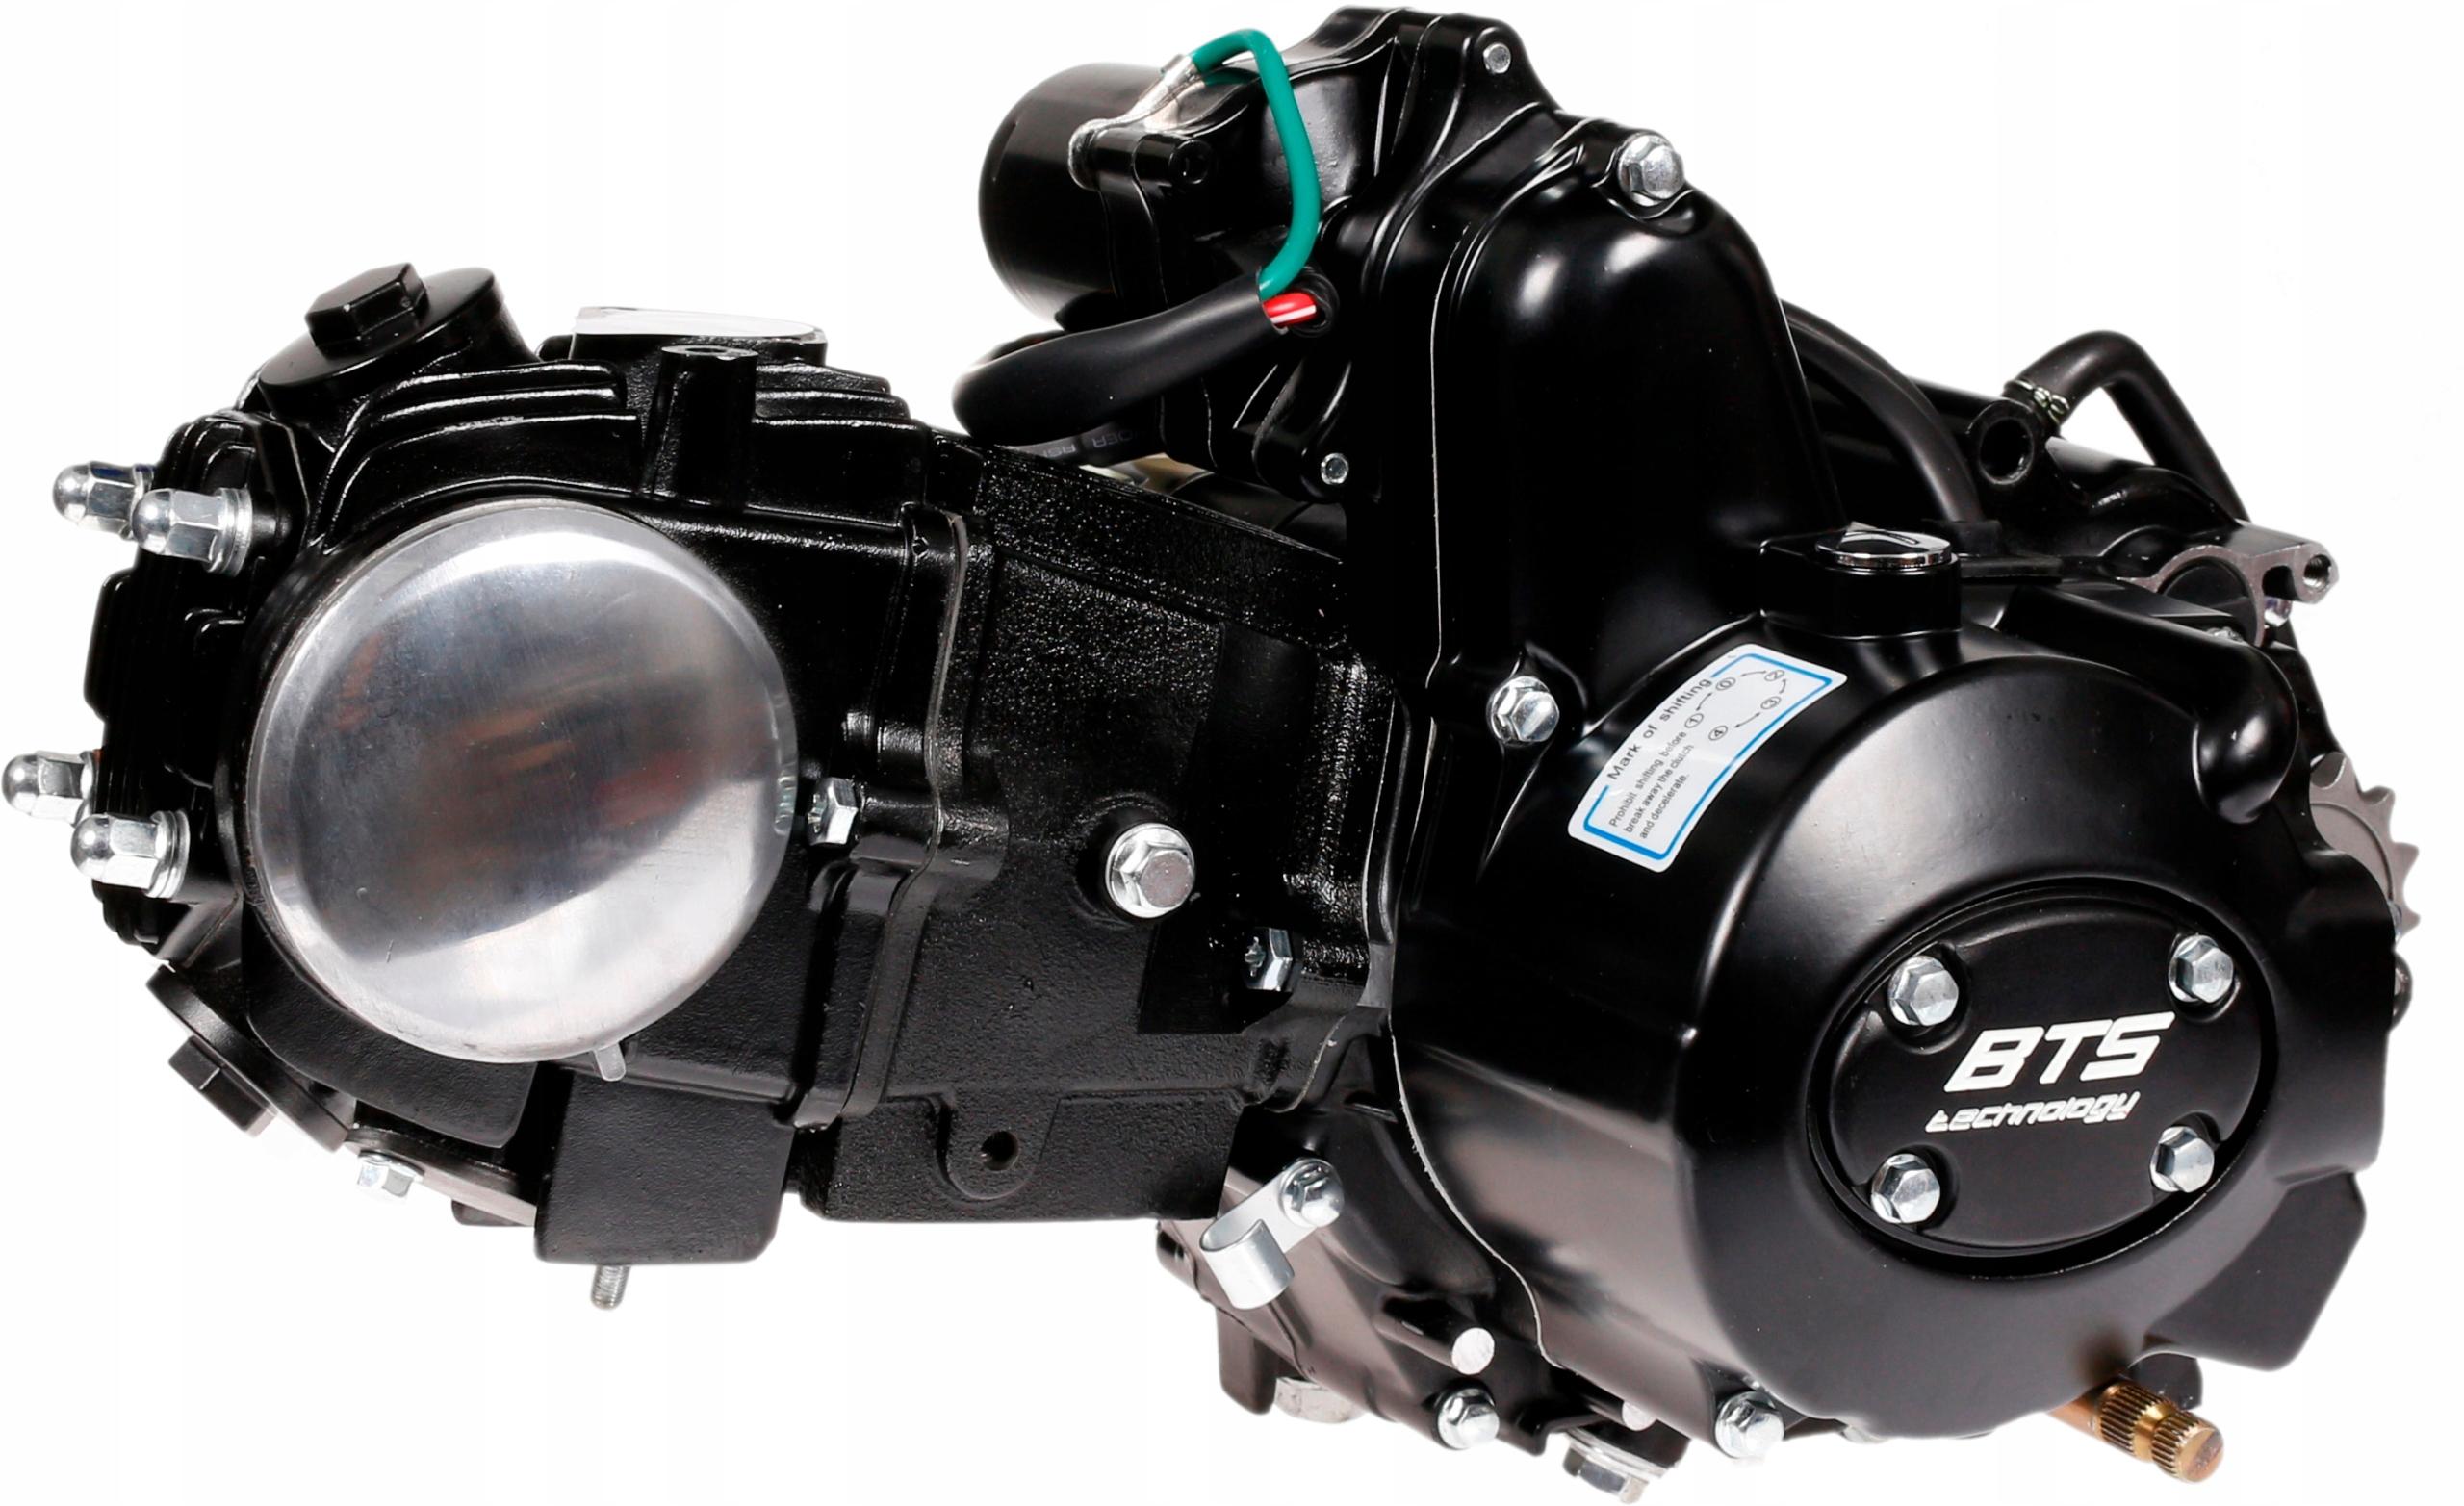 Двигатель 110 куб.см BTS 4T Junak Romet Barton Zipp Router